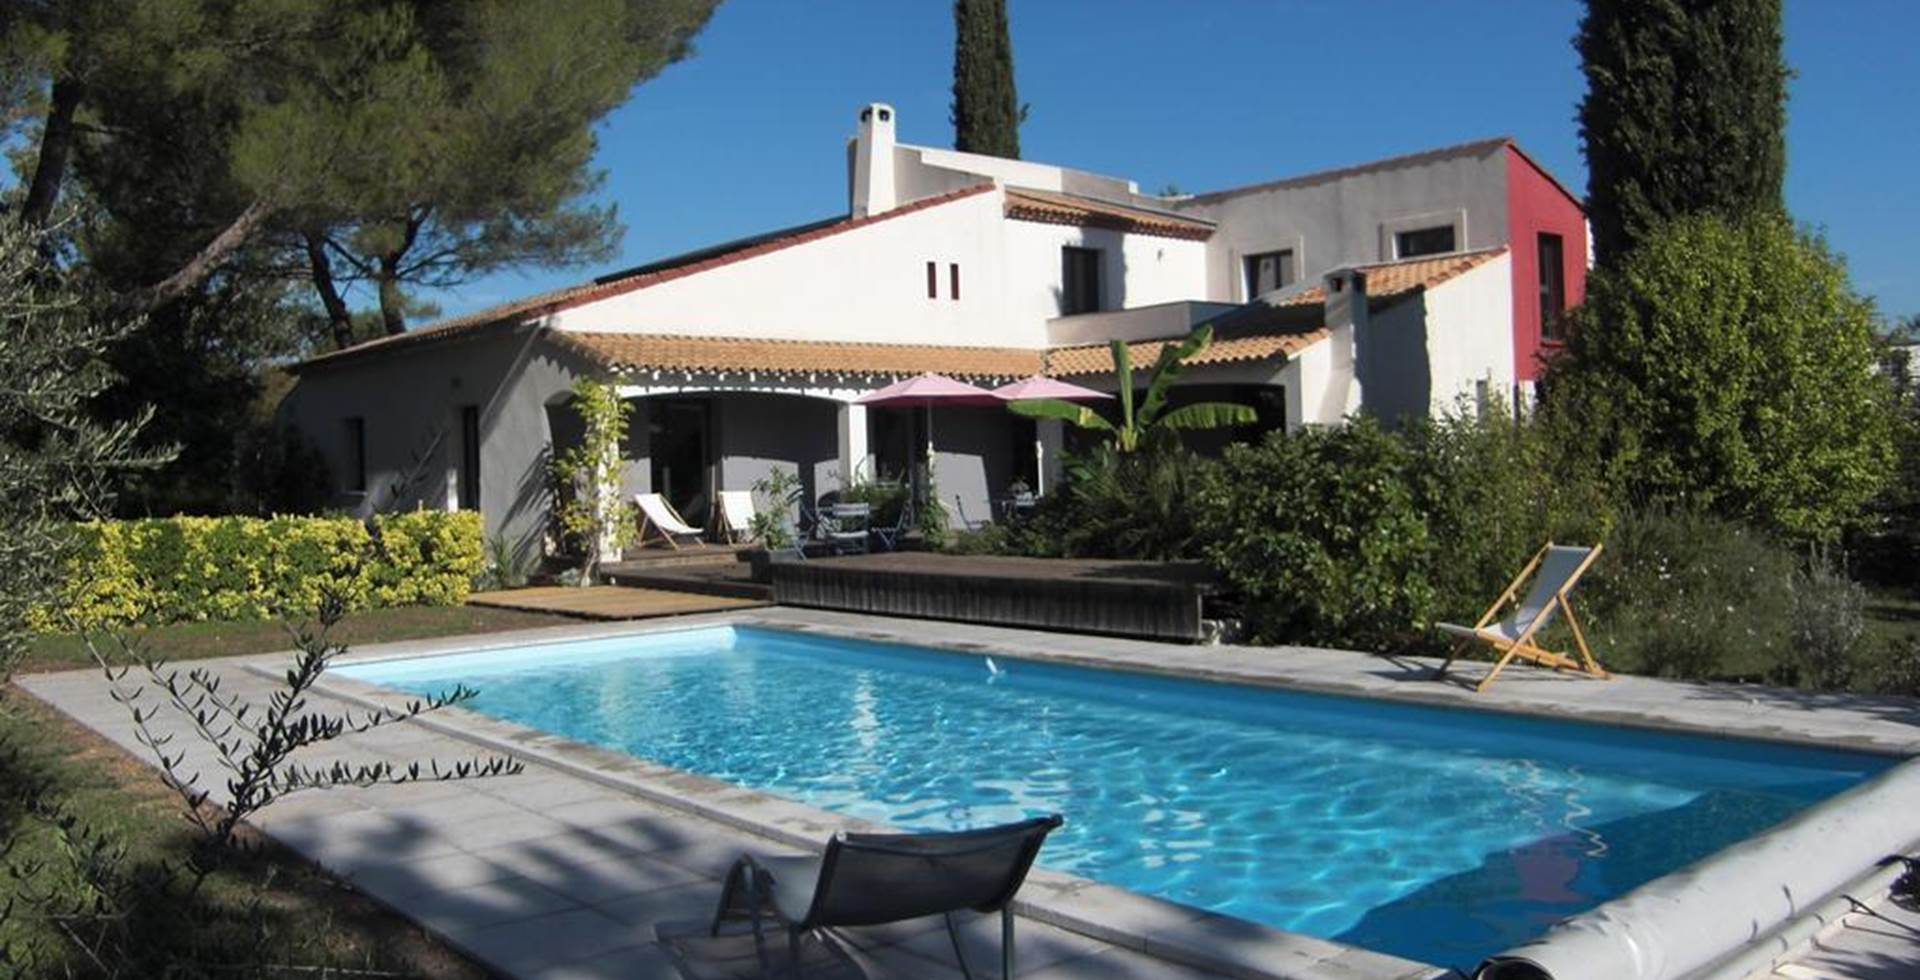 piscine la Soucarède Grabels montpellier maison d'hôtes